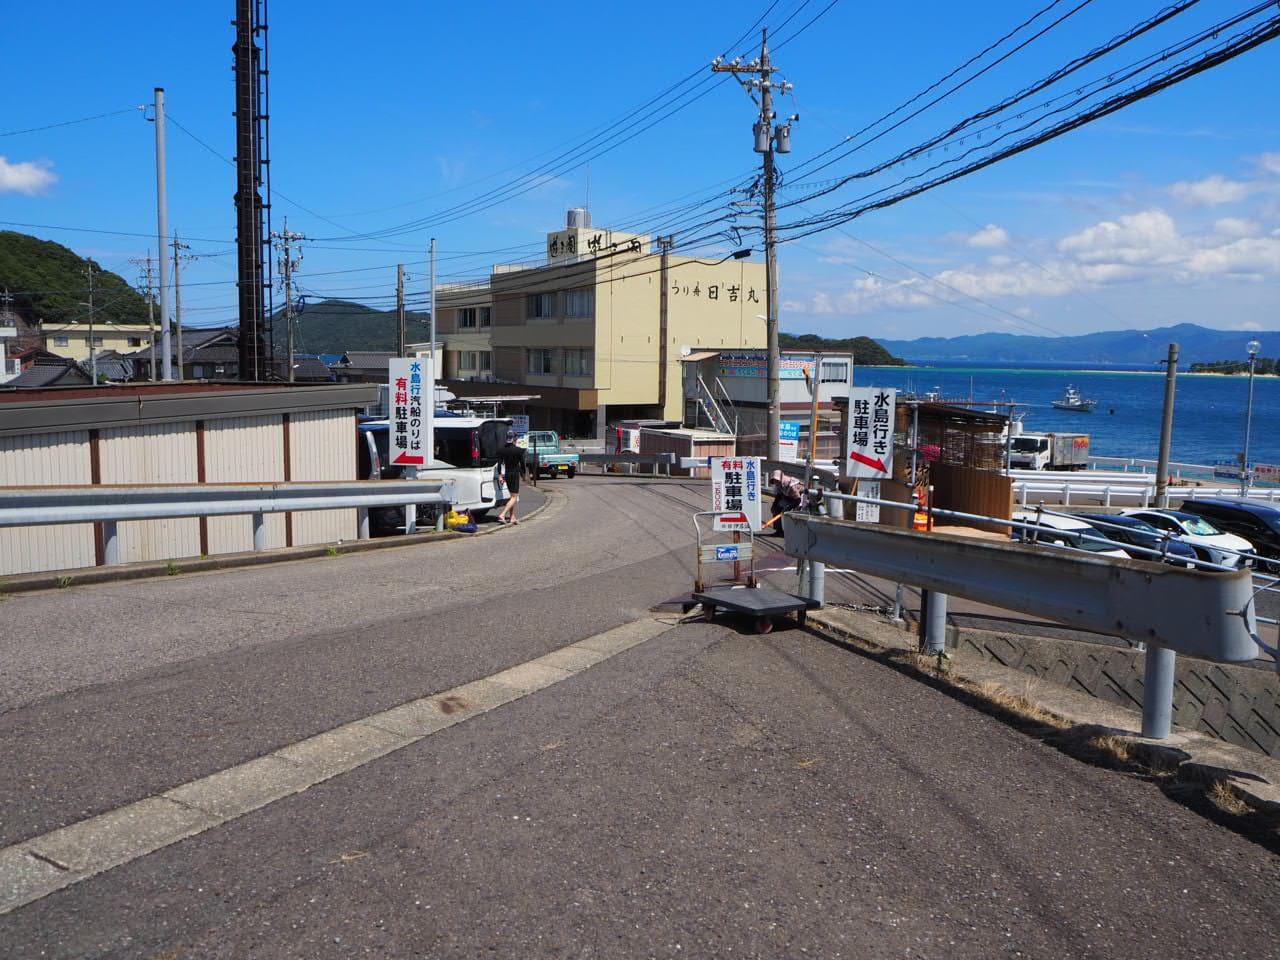 水島の駐車場案内の看板